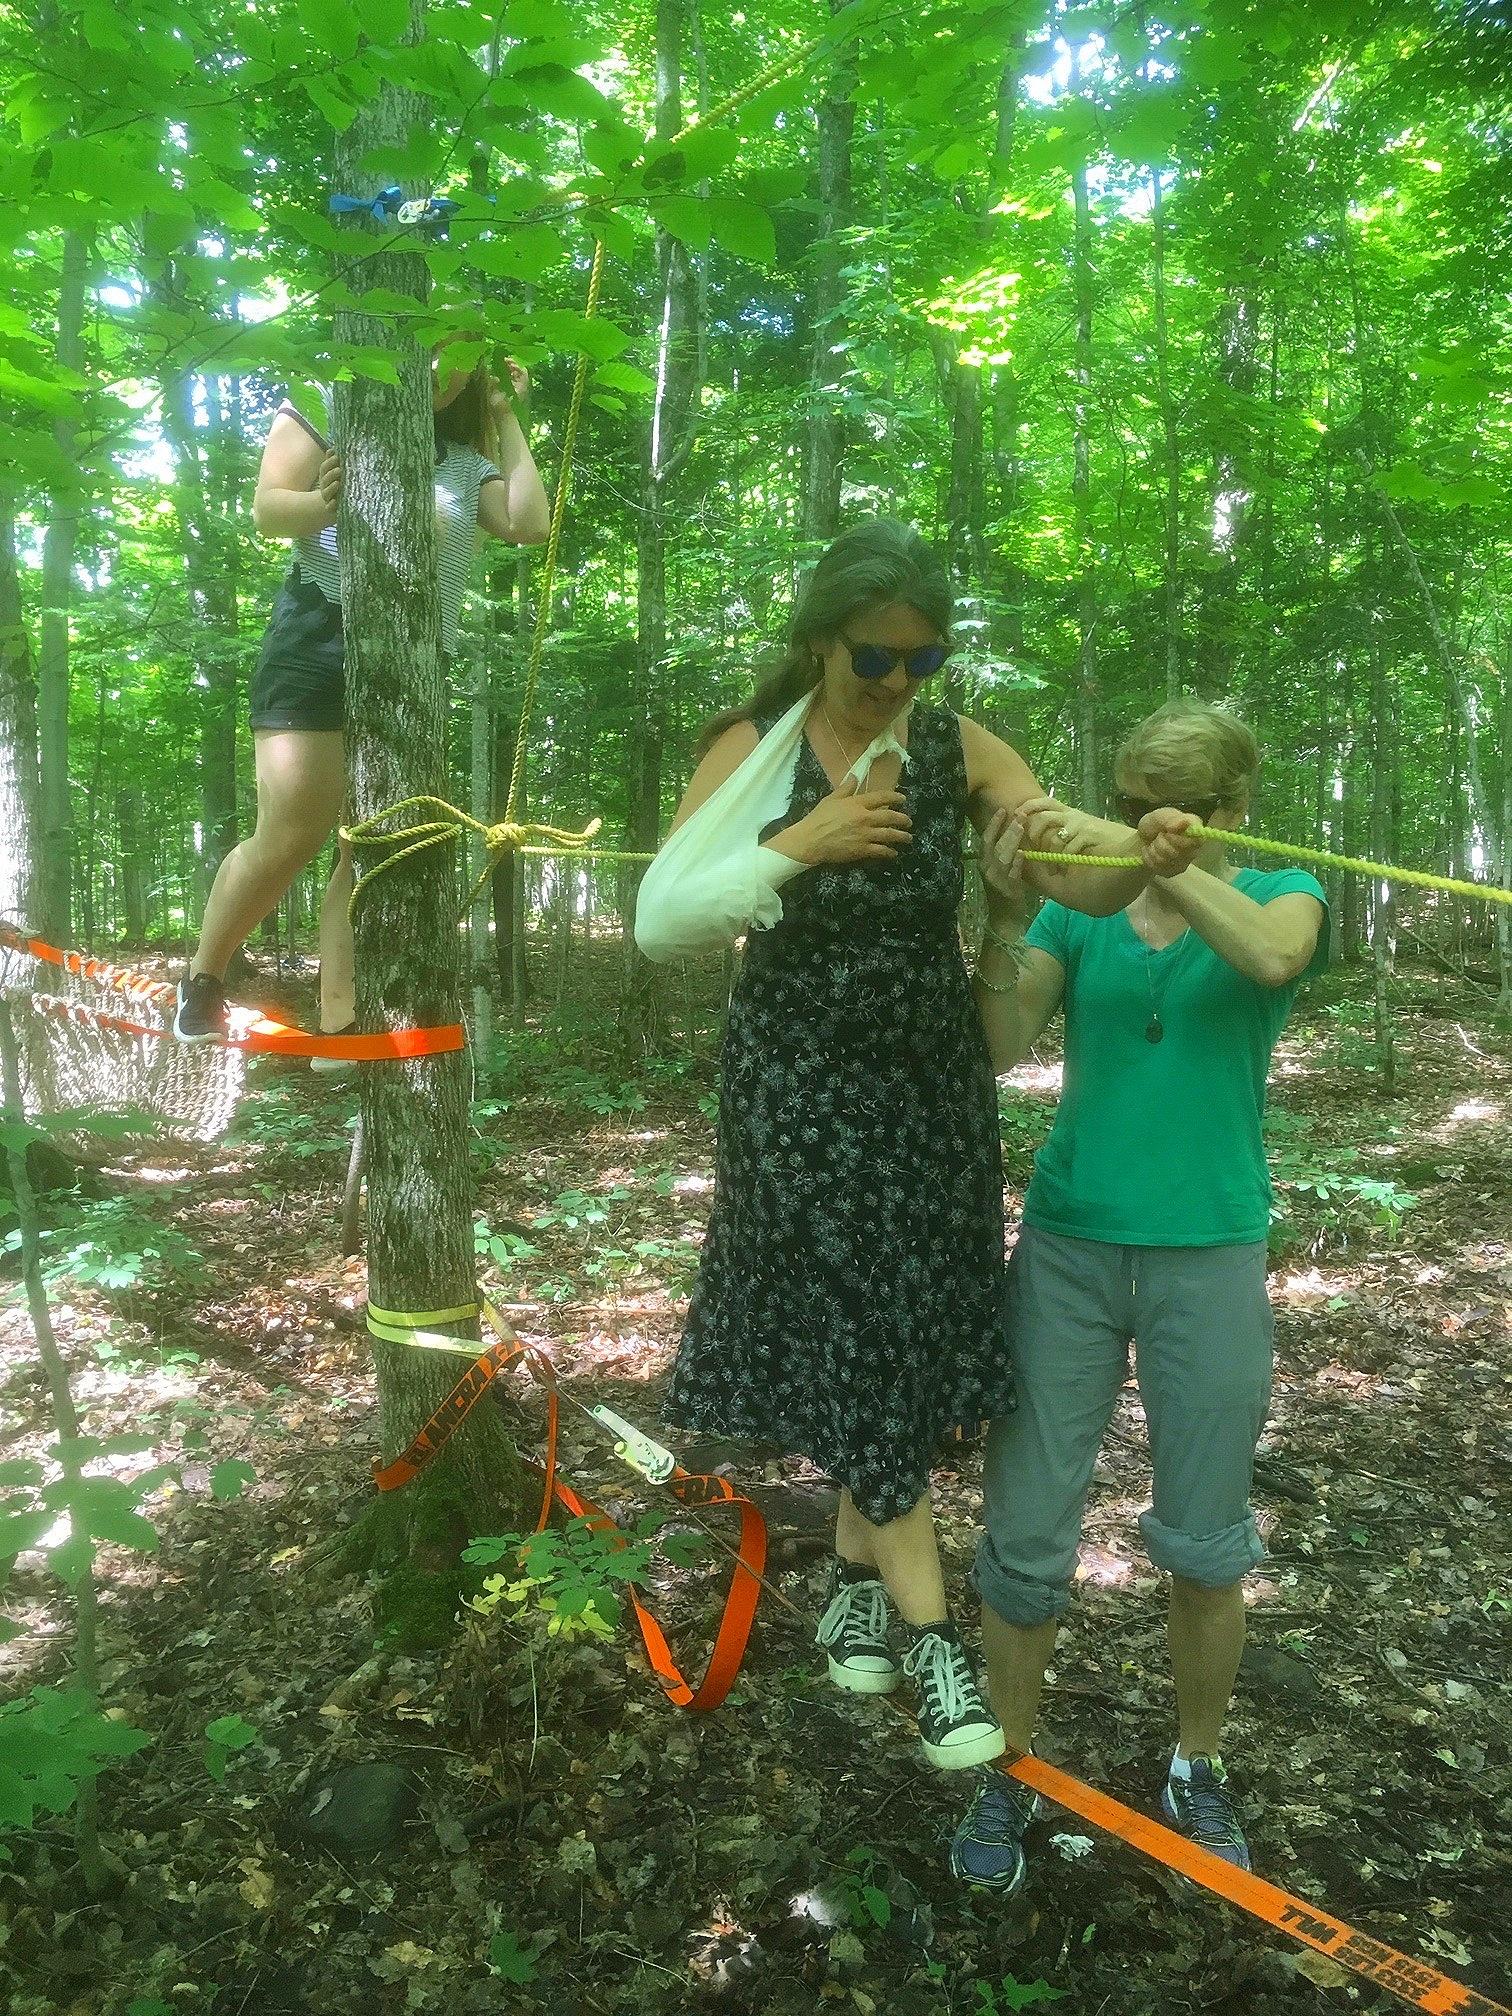 Pam+walking+tightrope.jpg